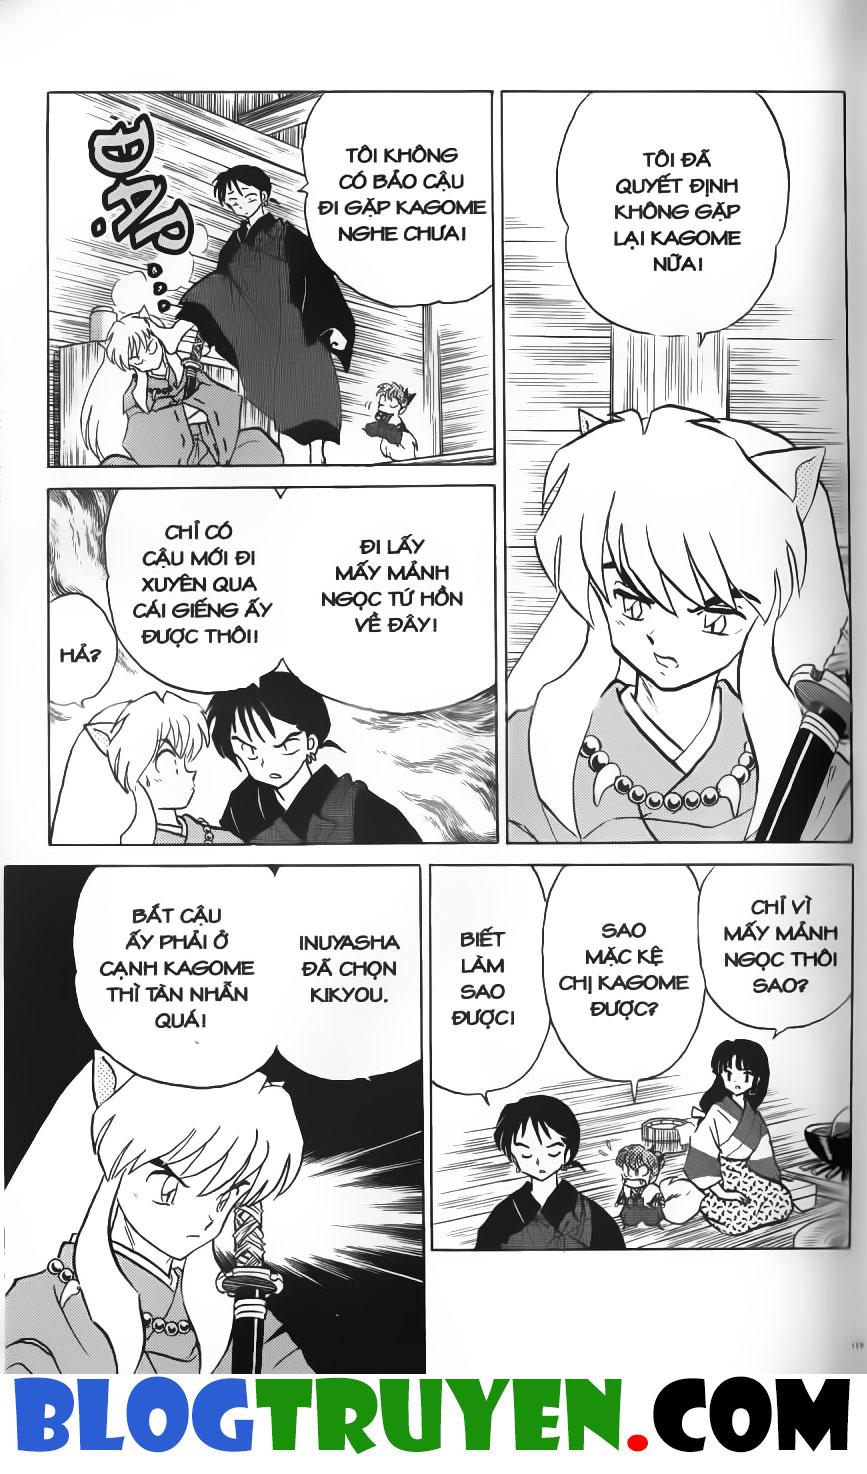 Inuyasha vol 18.7 trang 8